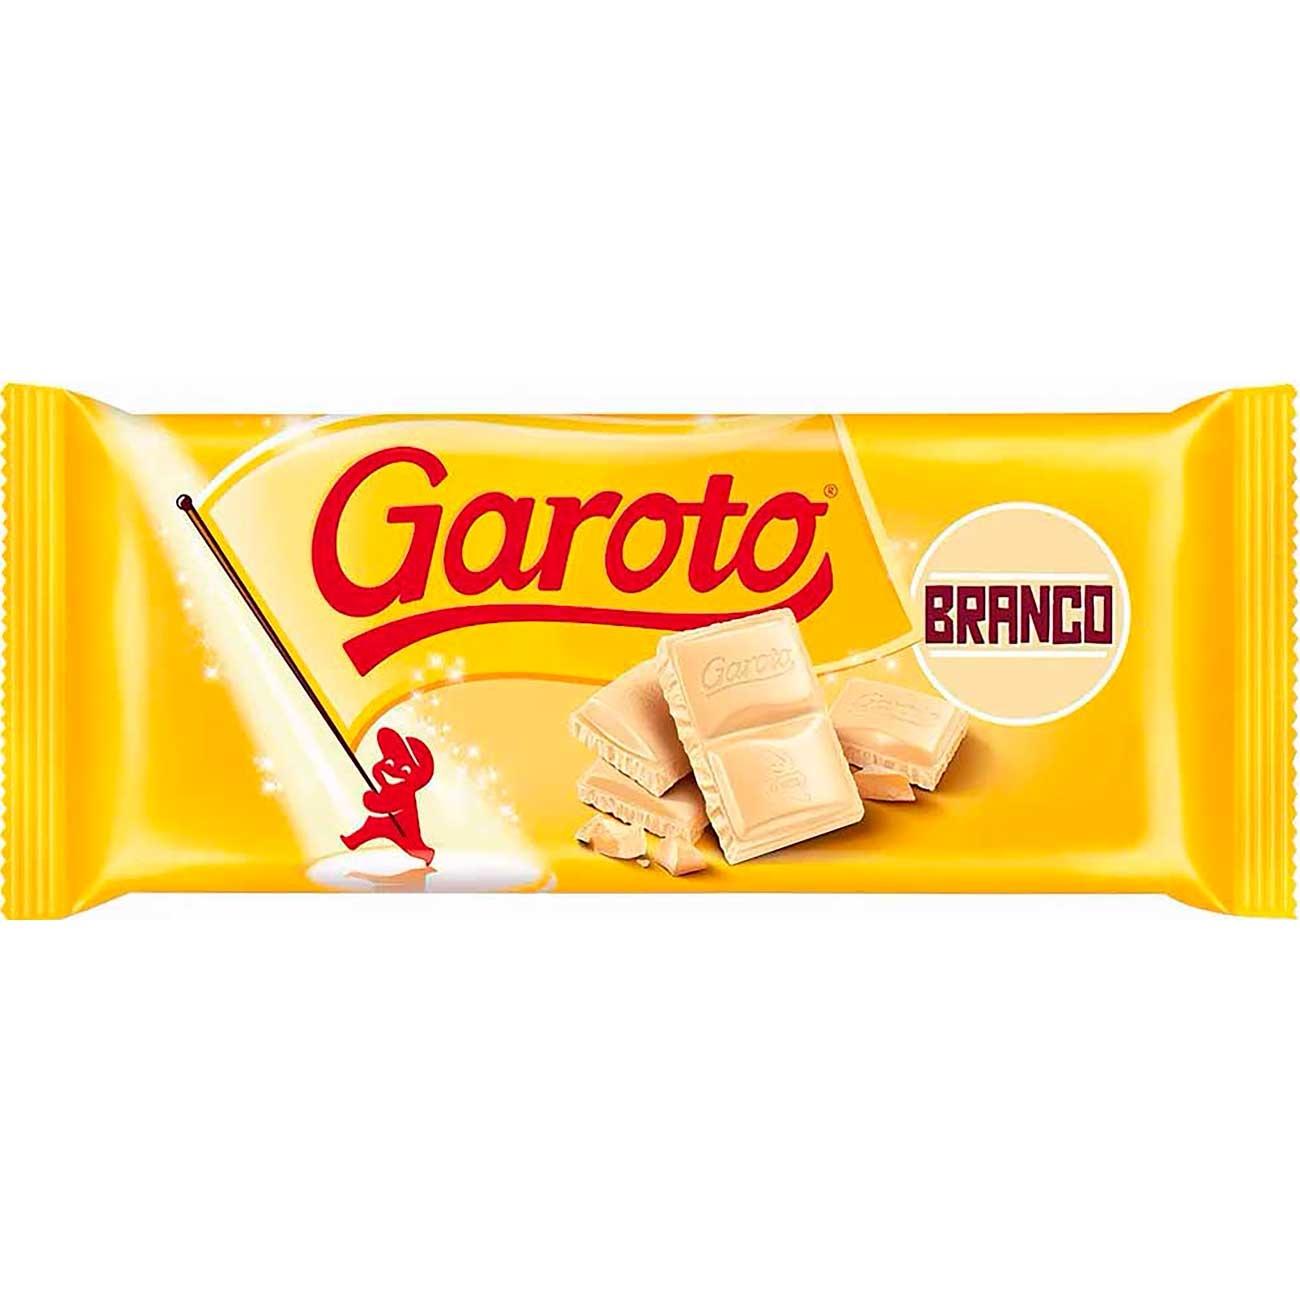 Chocolate Branco Tablete Garoto 100g | Caixa com 14 unidades